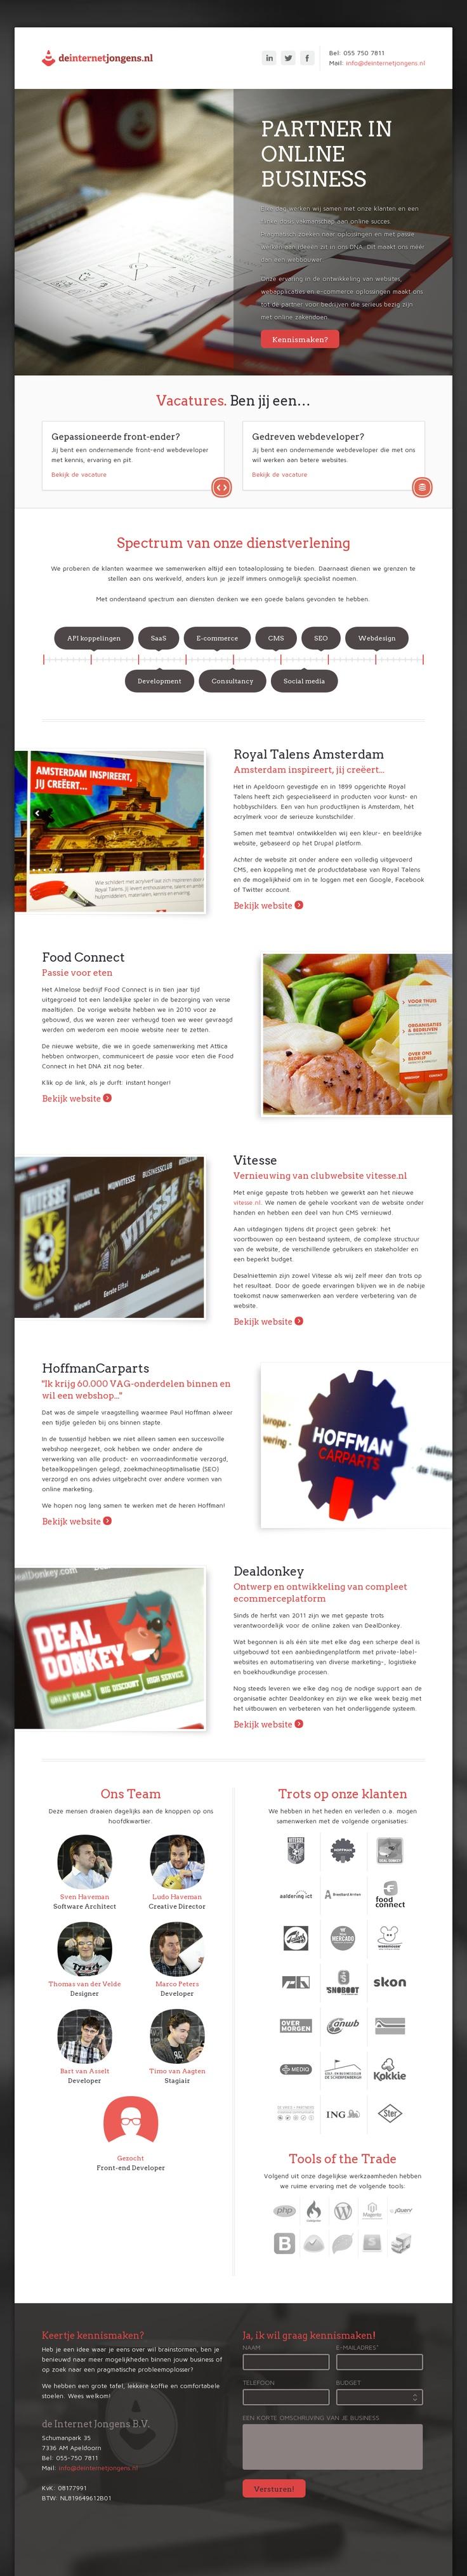 Website 'http://www.deinternetjongens.nl/' snapped on Snapito!